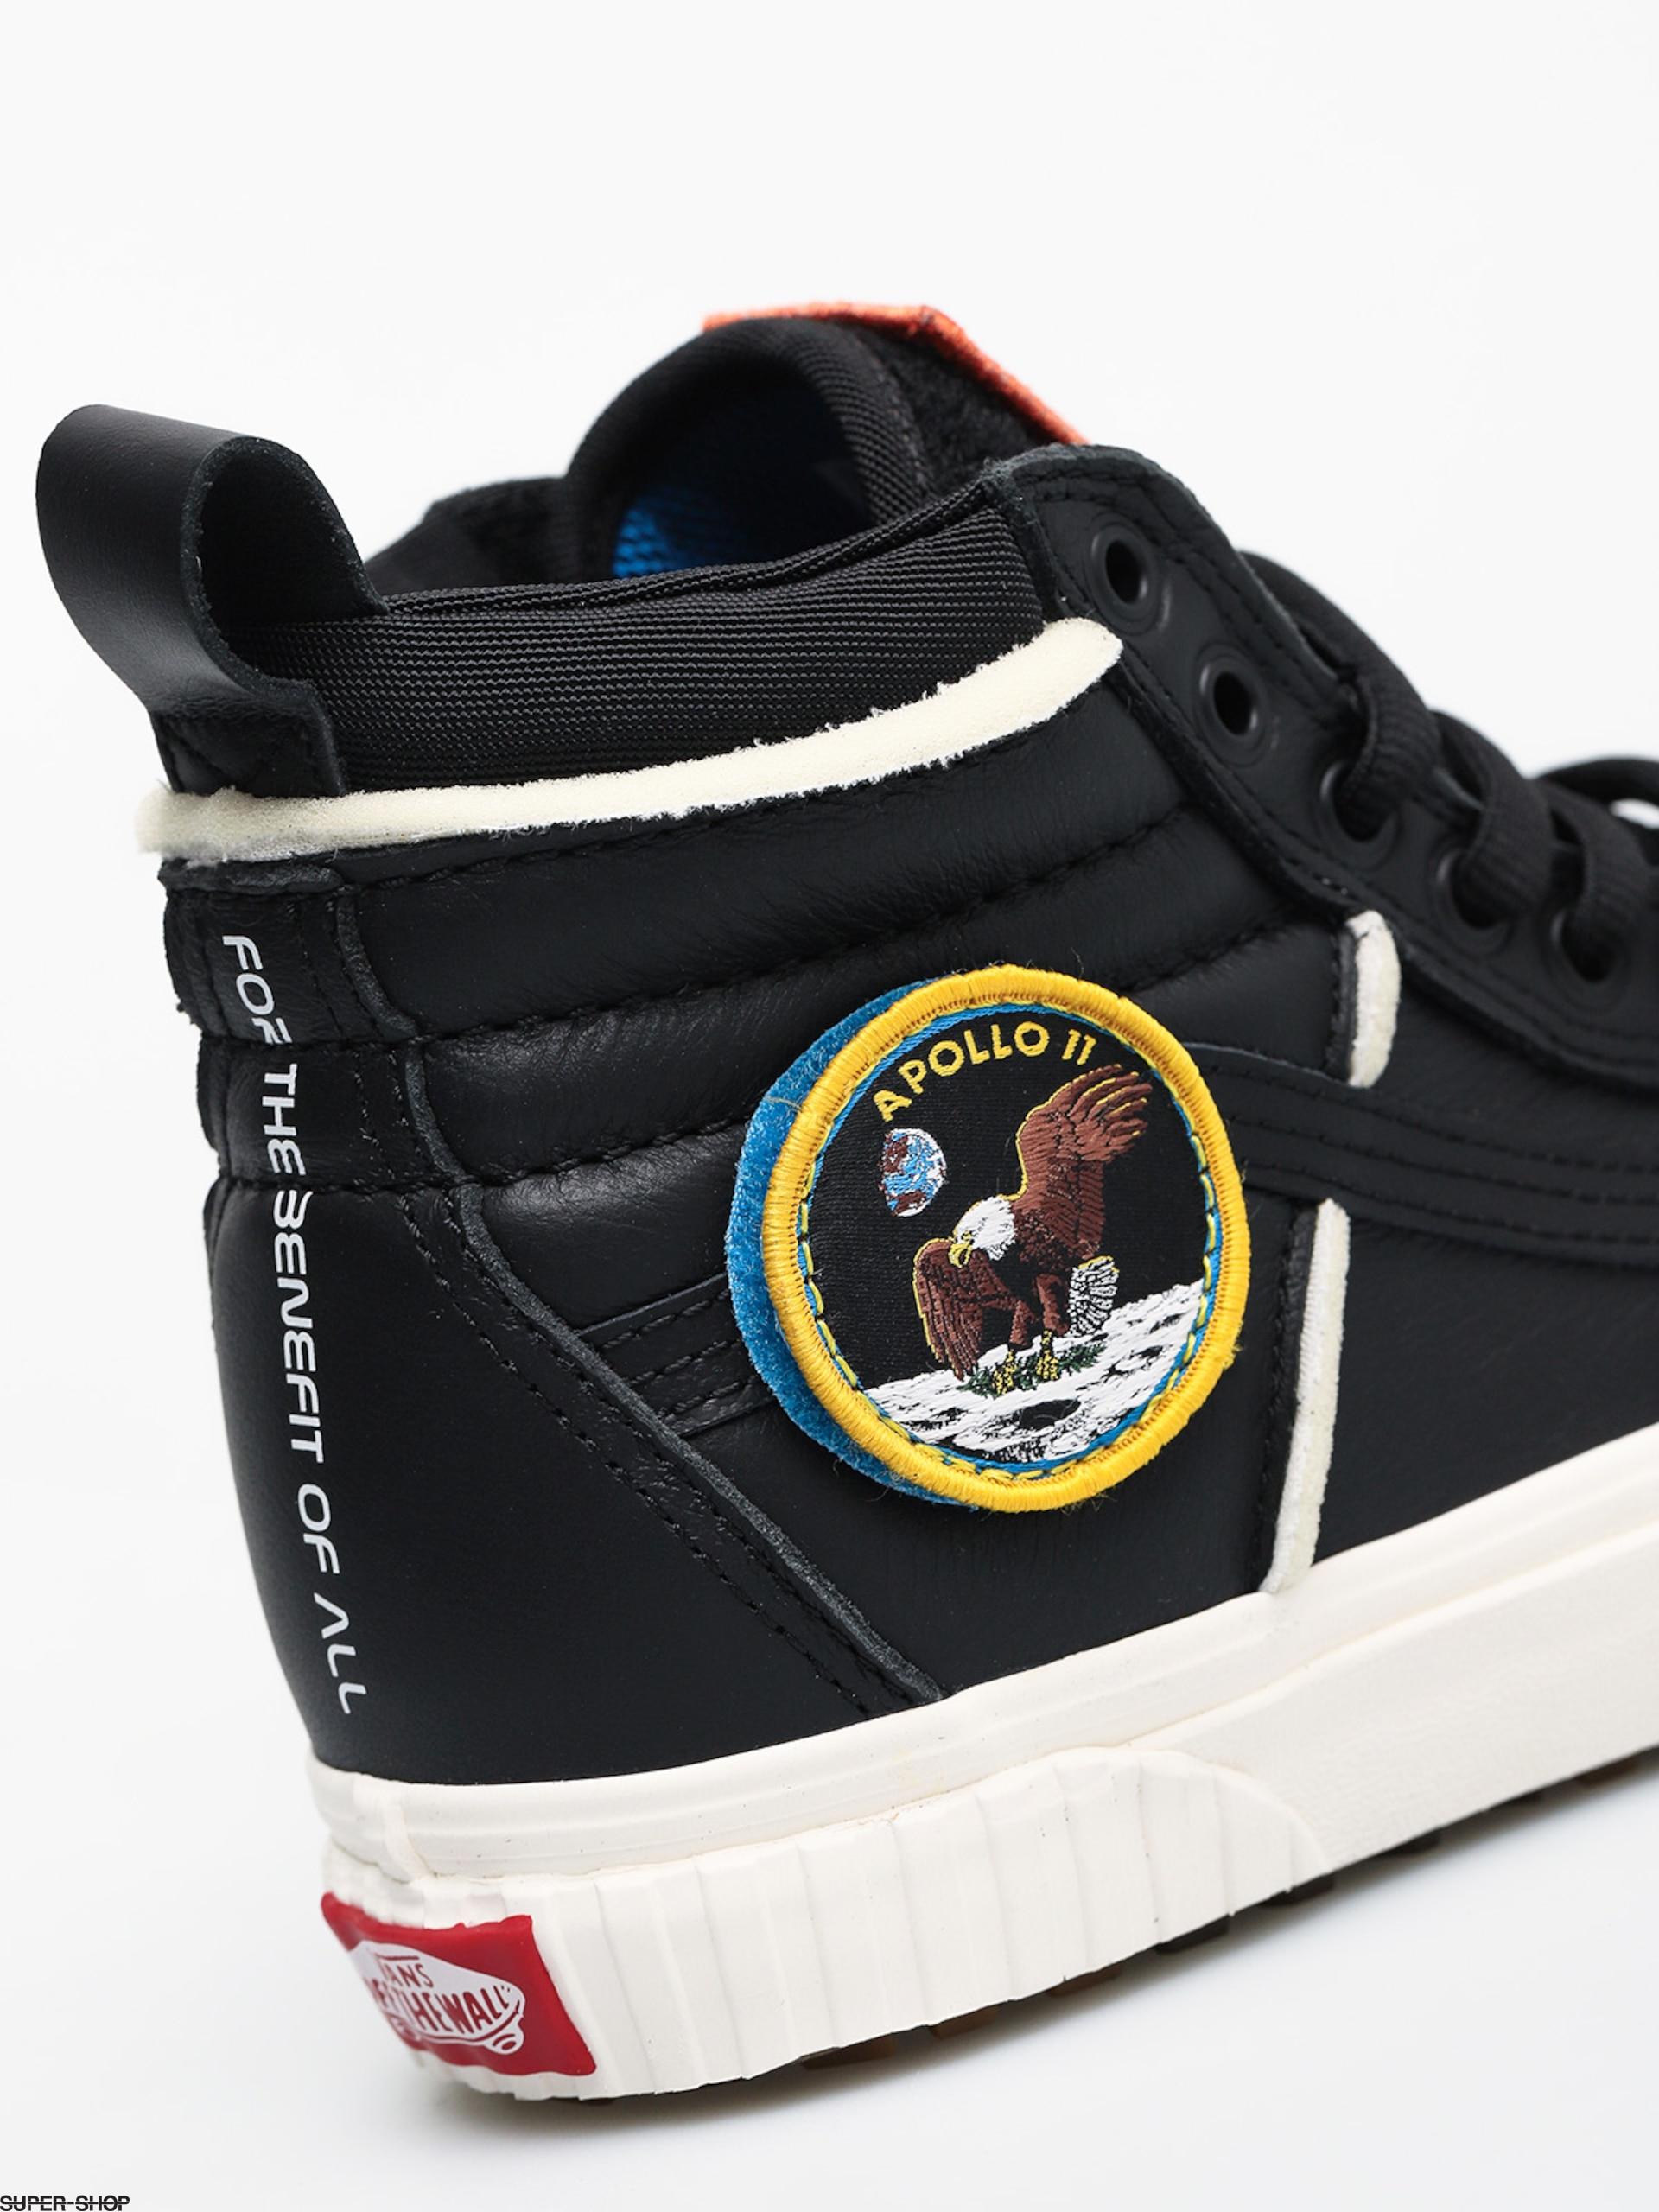 Vans Sk8 Hi 46 Mte Dx Shoes (space